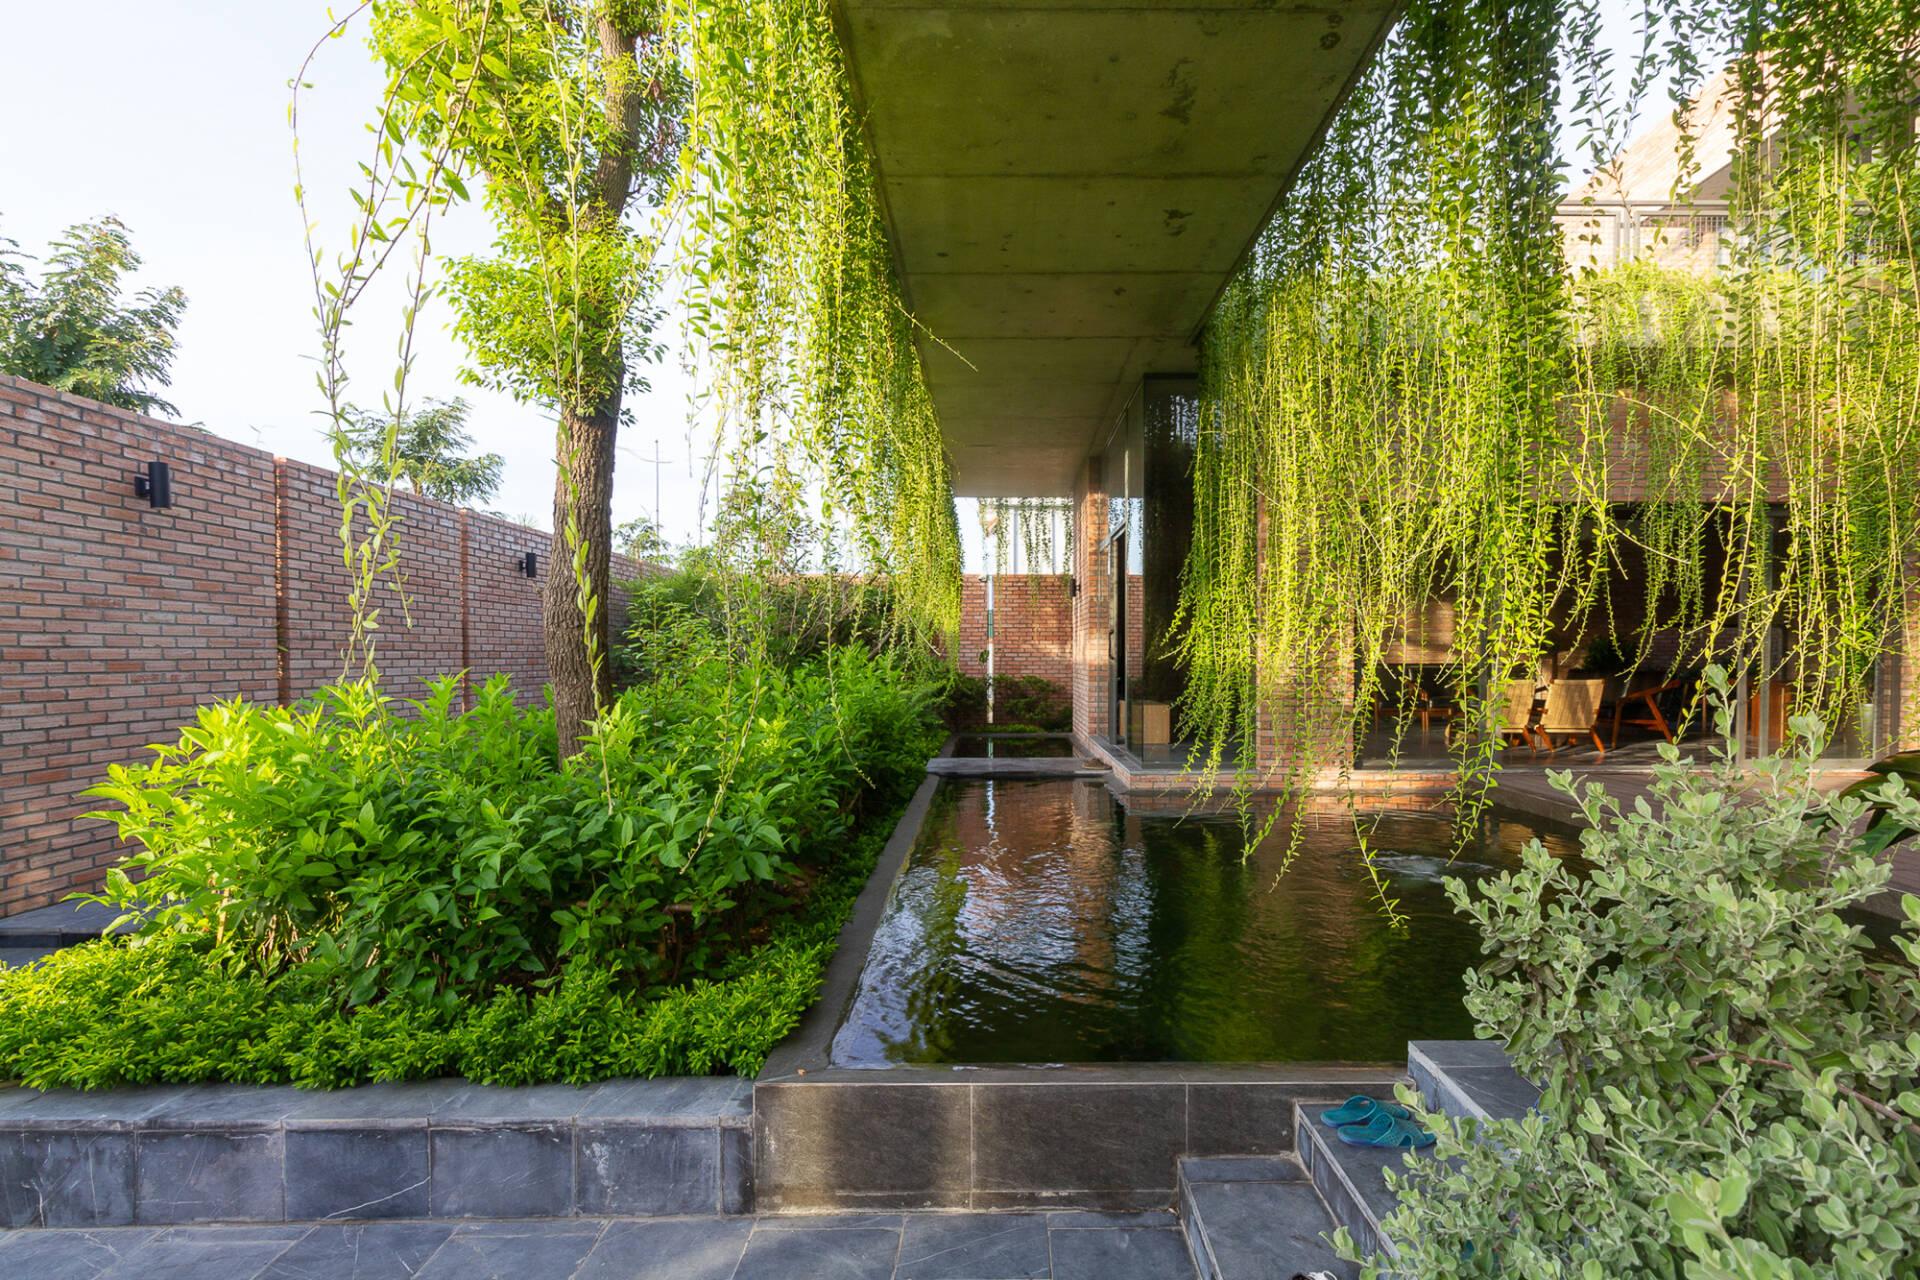 Cây cối, mặt nước… giúp gia chủ có thể cảm nhận được thiên nhiên dưới dạng không khí, âm thanh và ánh sáng.